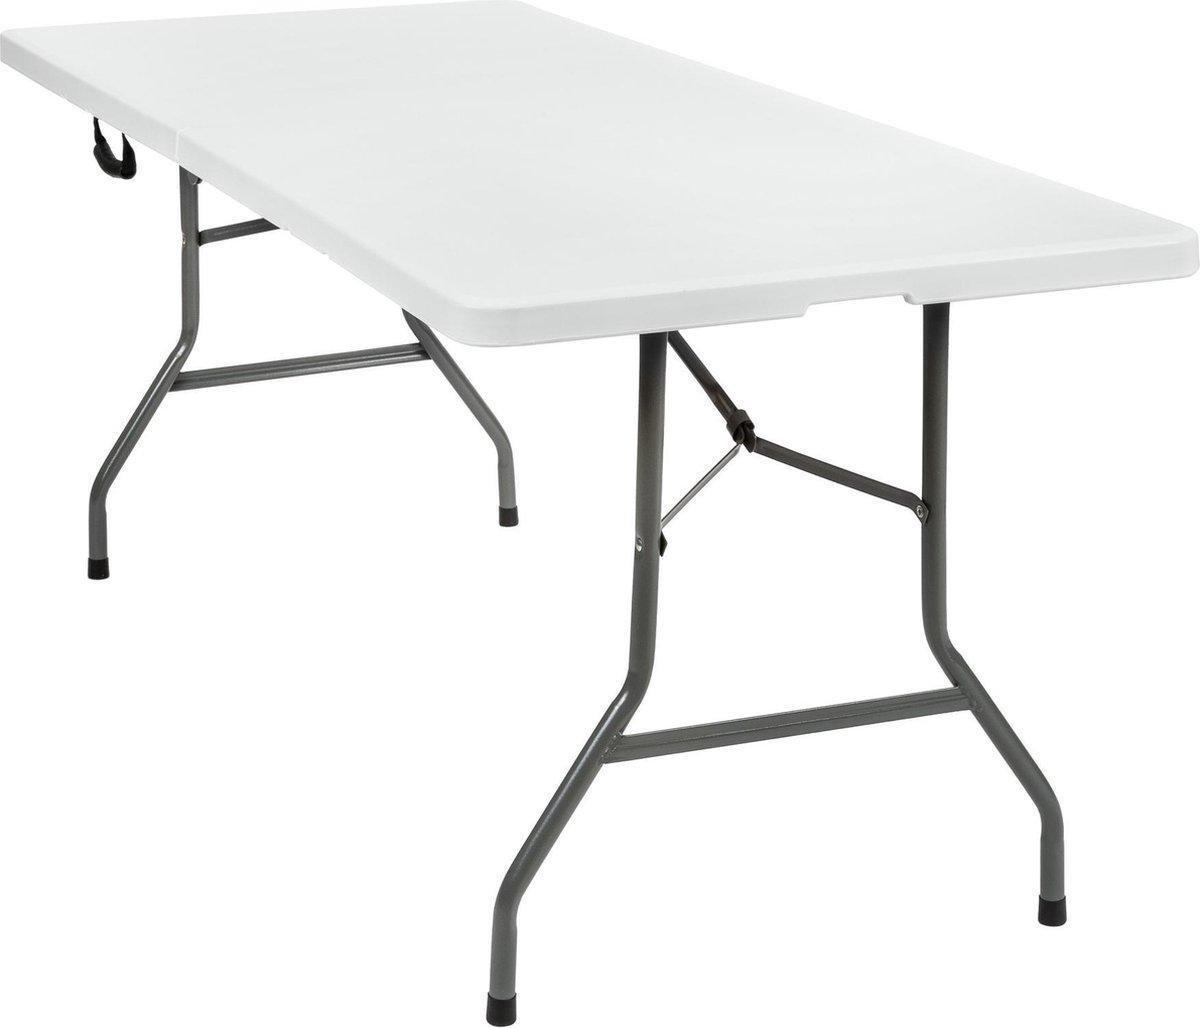 Campingtafel, vouwtafel 180 x 70 cm PVC